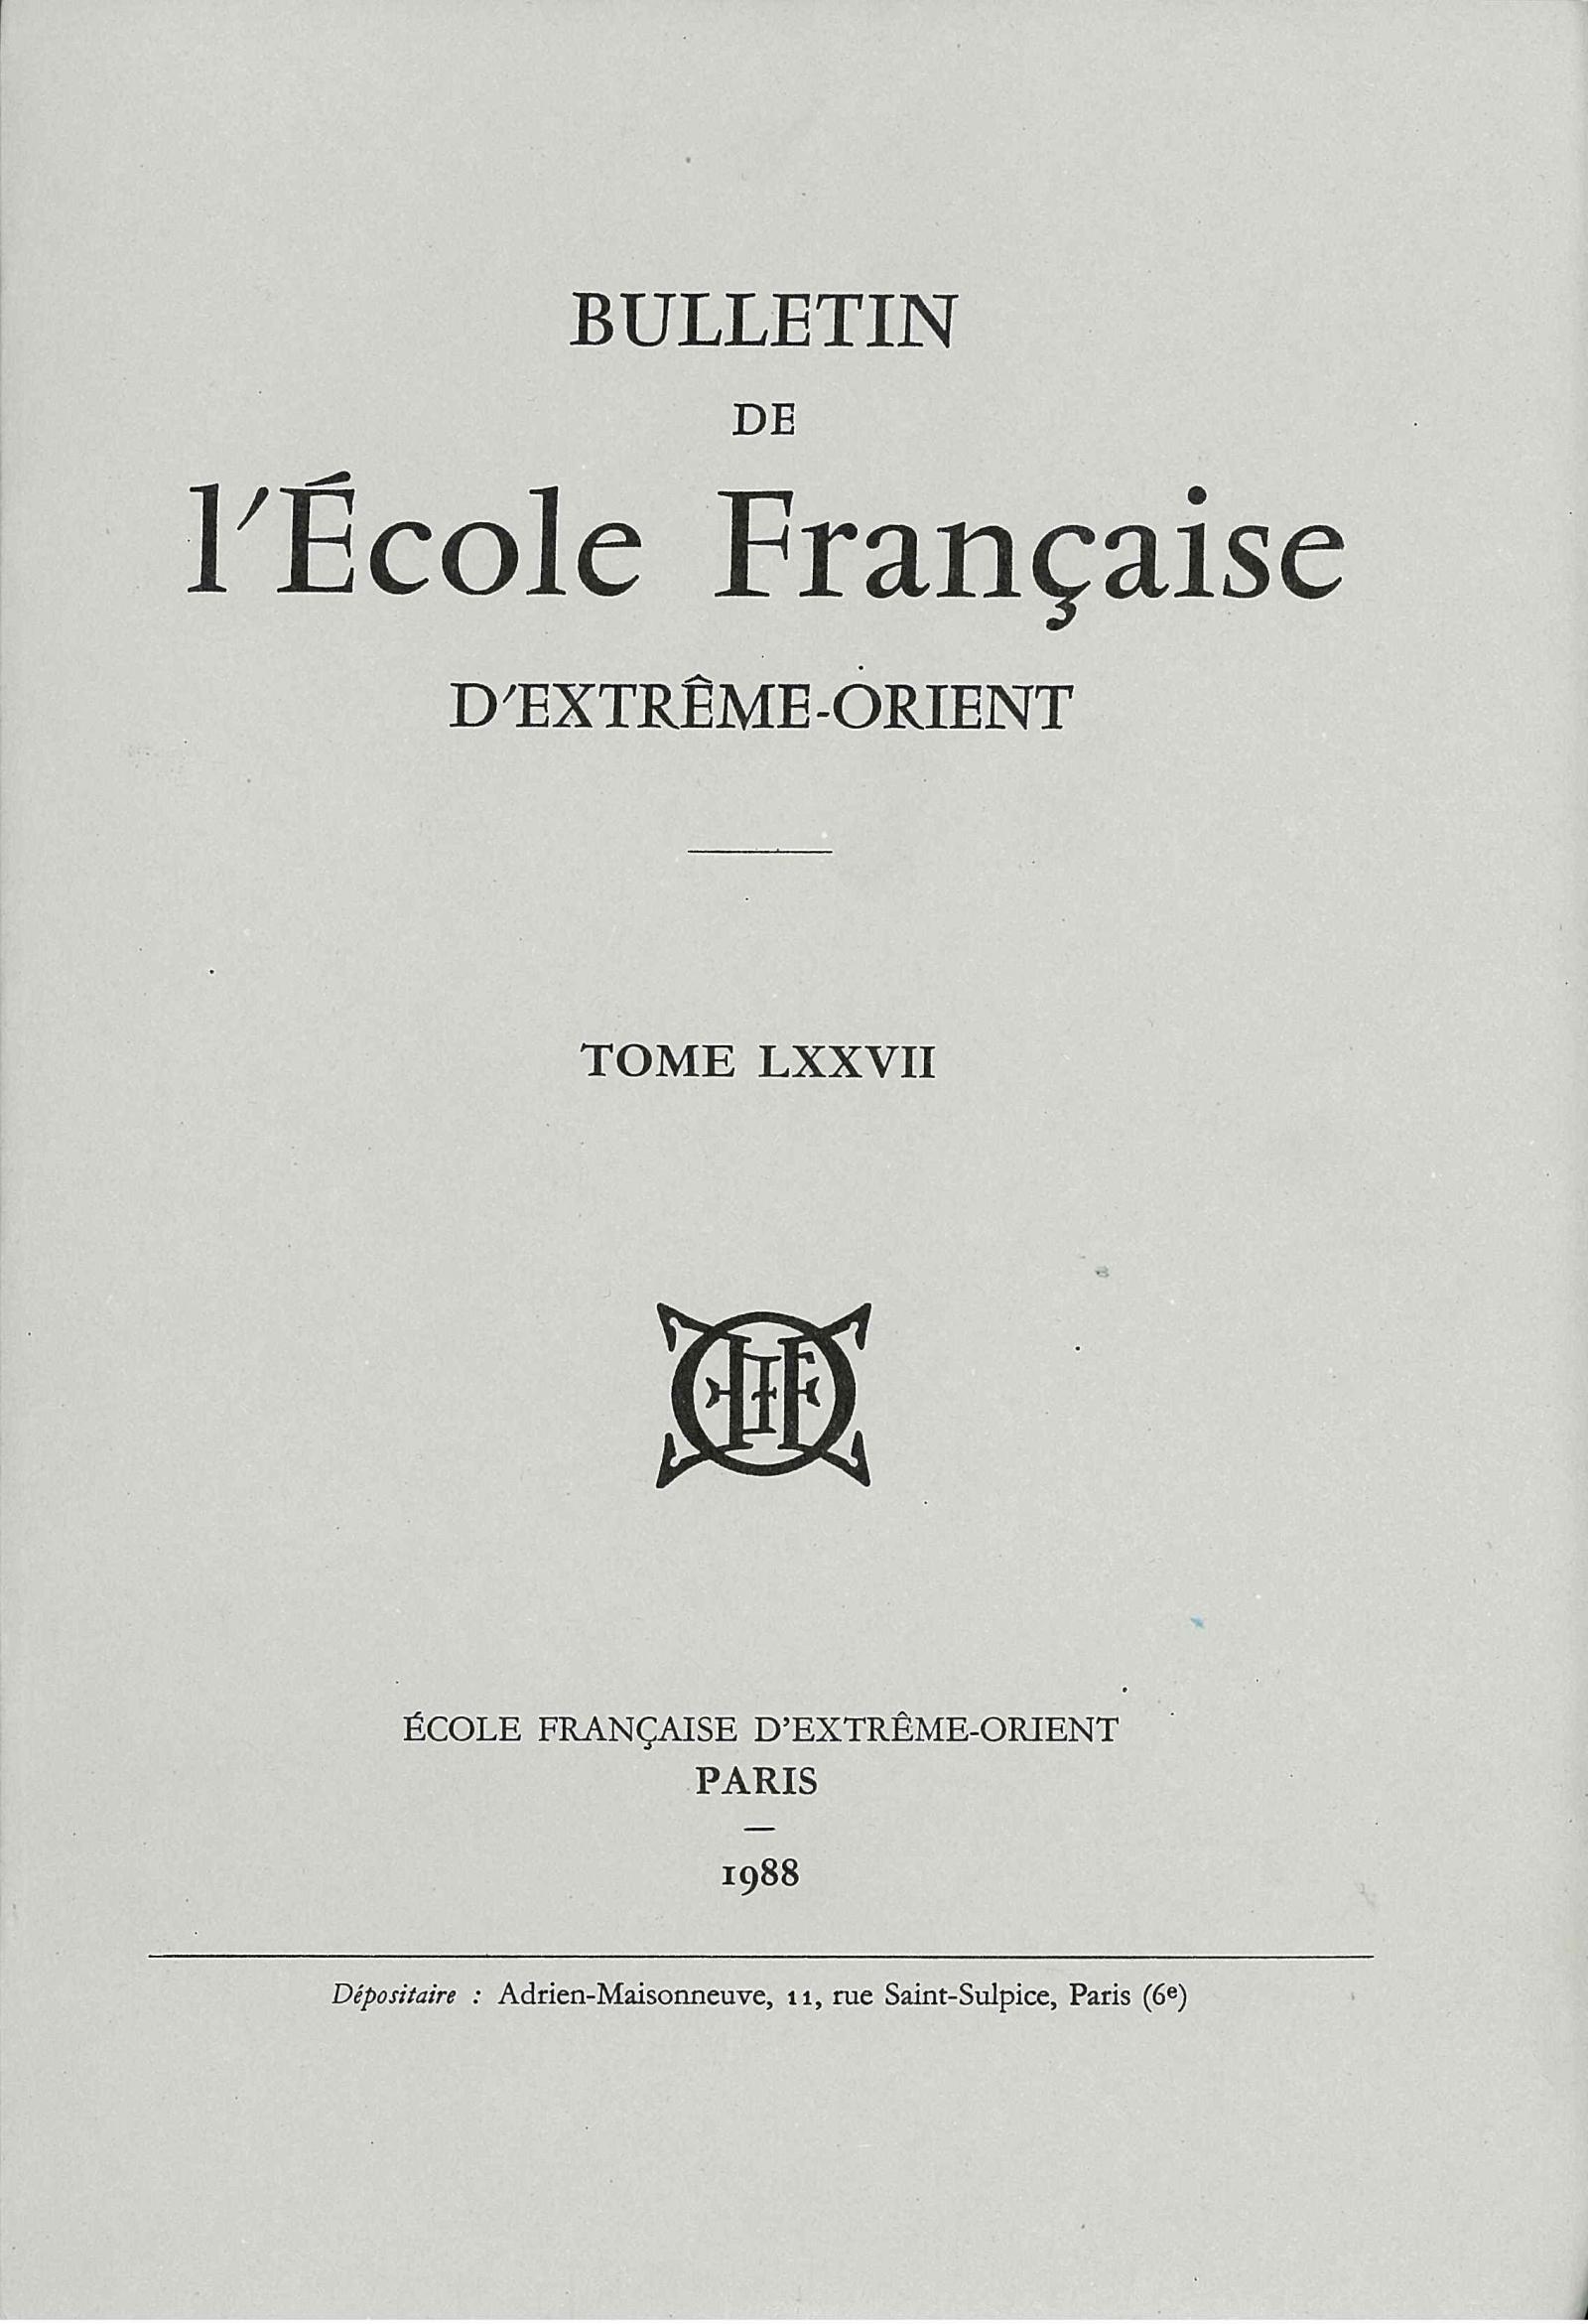 Bulletin de l'Ecole française d'Extrême-Orient 77 (1988)